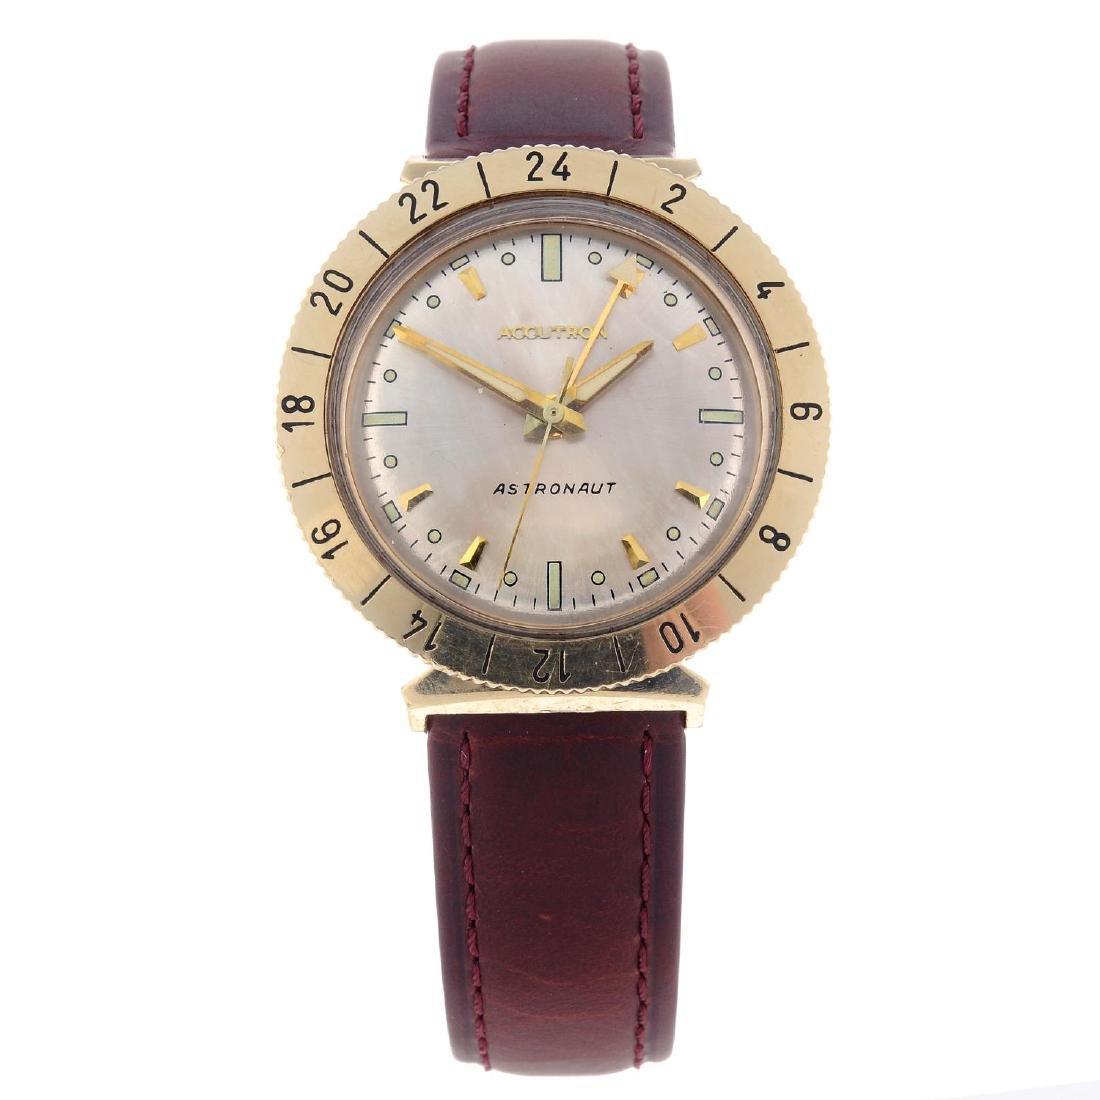 BULOVA - a gentleman's Accutron Astronaut wrist watch.